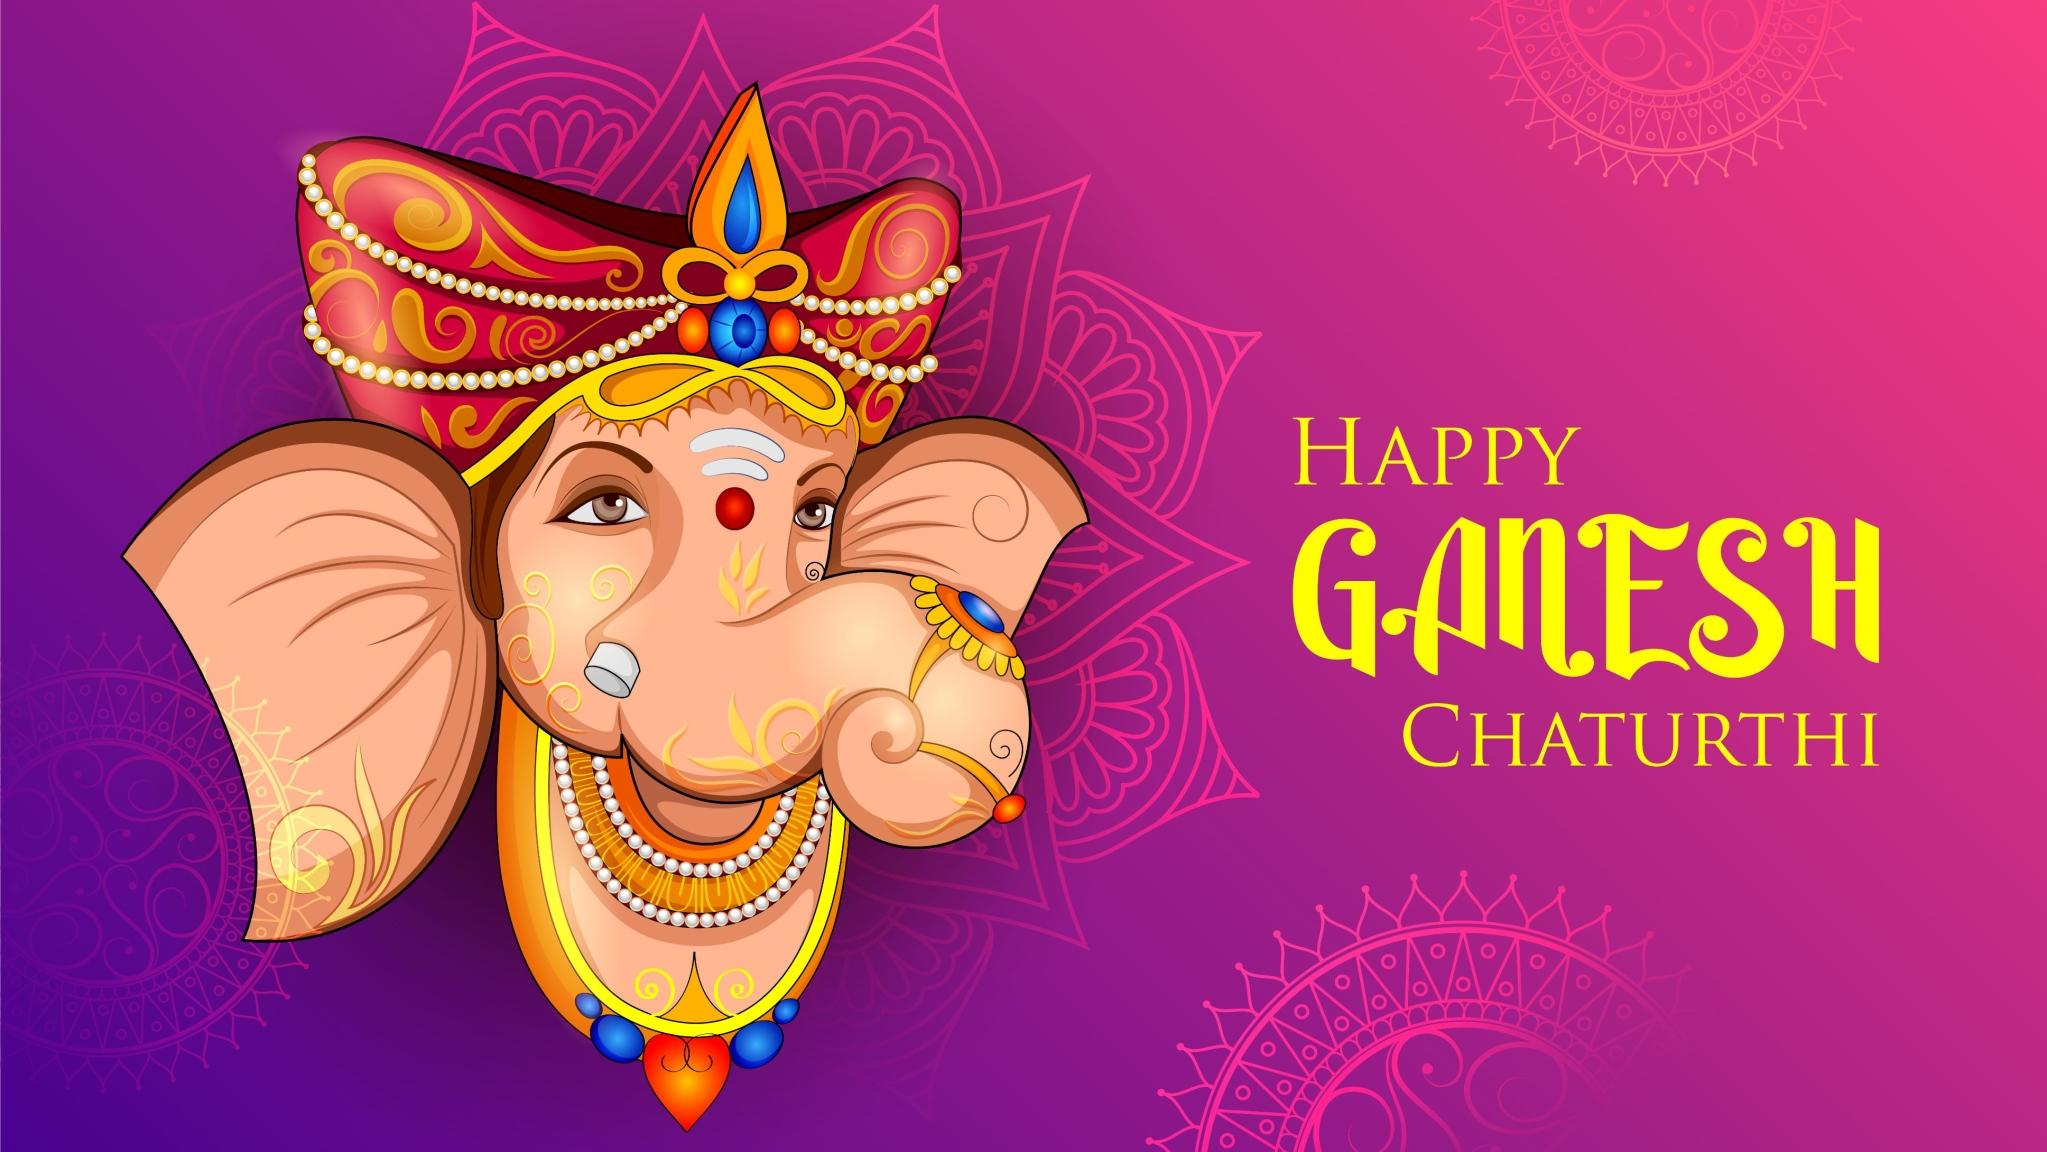 Ganesh Chaturthi Wishes Hindi,English,Marathi,Kannada,Telugu ...